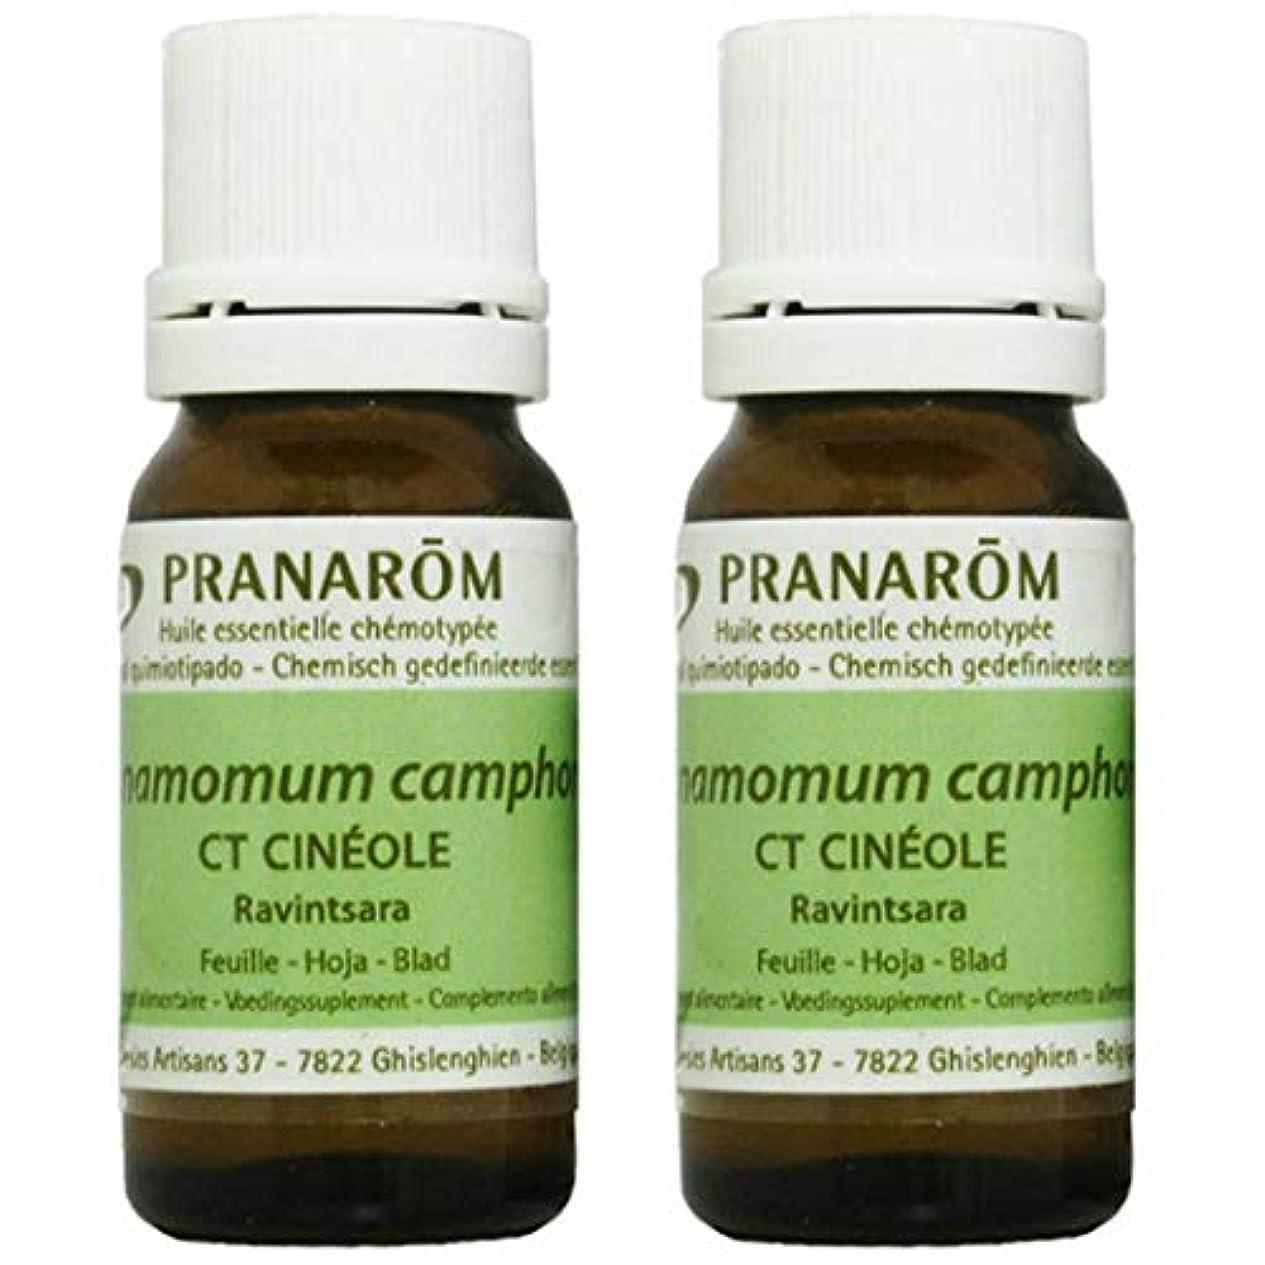 排出喉が渇いた仕立て屋プラナロム ラヴィンツァラ 10ml 2本セット (PRANAROM ケモタイプ精油)